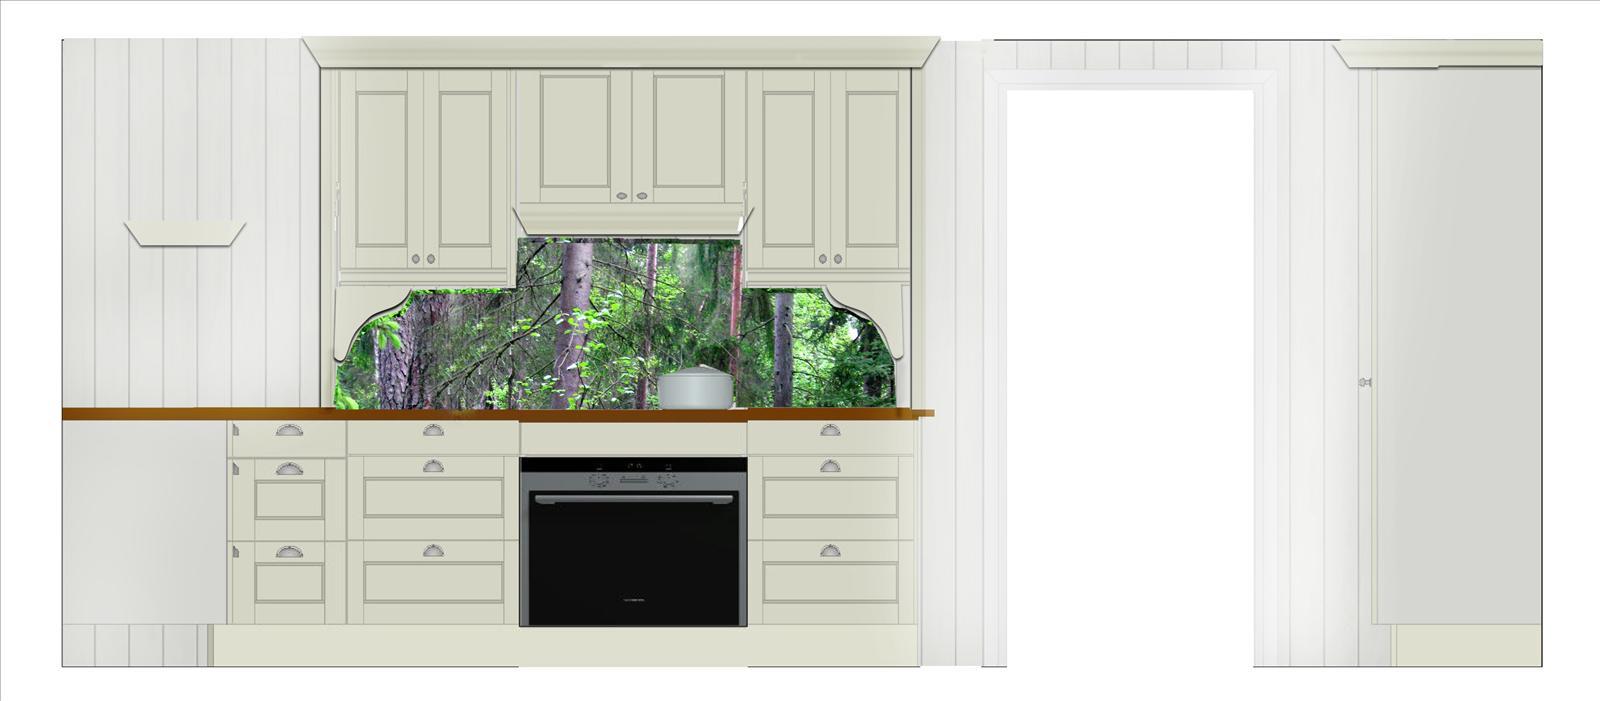 Nytt kök, nya fräscha idéer?   inredning och design   hemmet ifokus